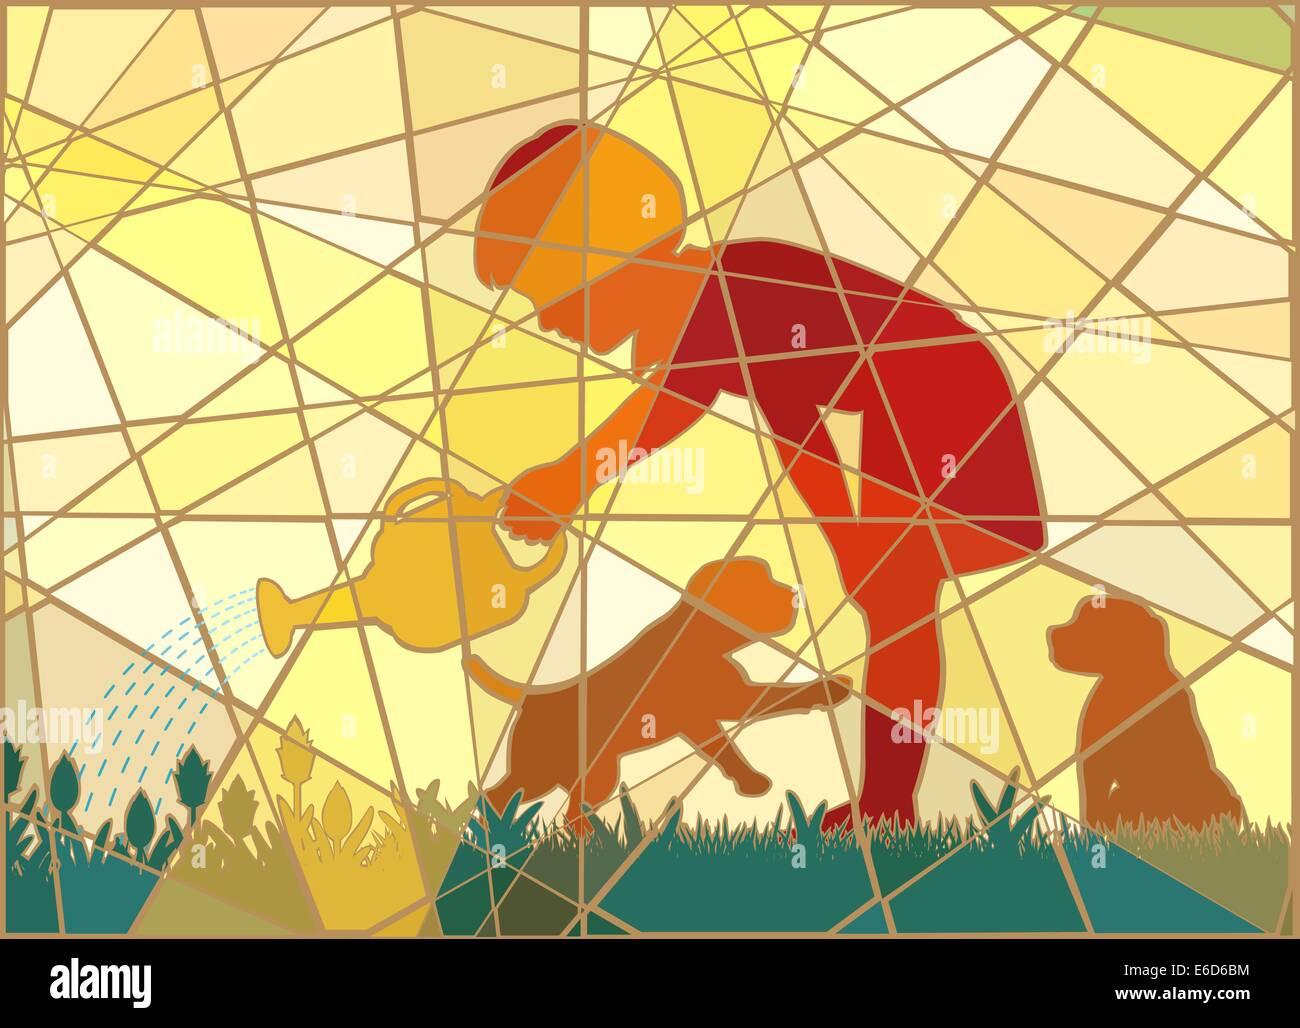 Mosaicos coloridos ilustración vectorial editable de una joven regar su jardín con dos cachorros en verano Imagen De Stock